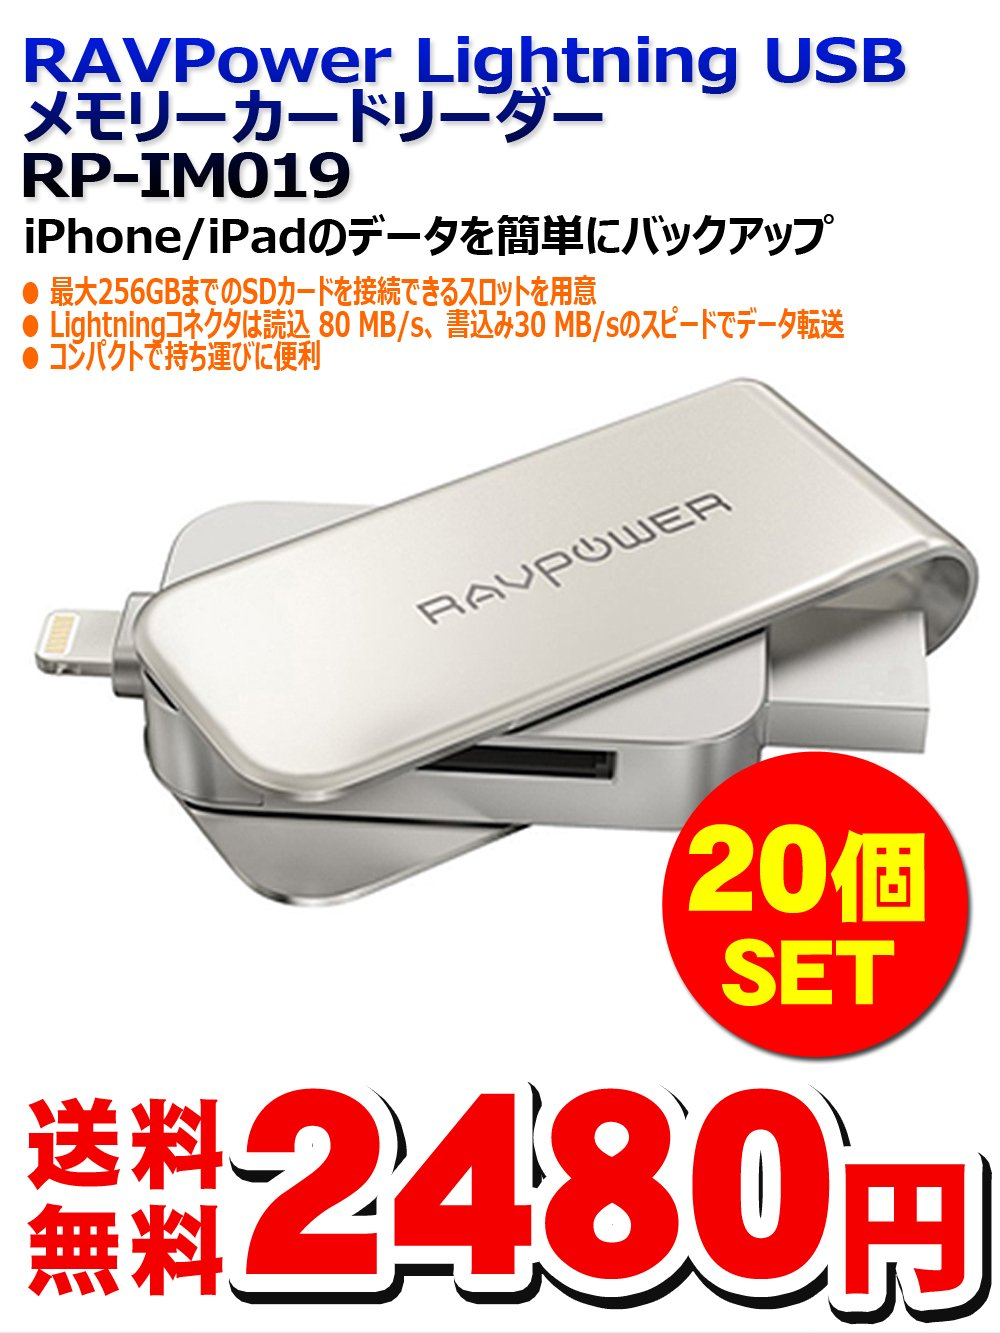 【送料無料】RAVPower Lightning USBメモリーカードリーダー(RP-IM019)iPhone/iPadのデータを簡単にバックアップ【20個セット】2480円